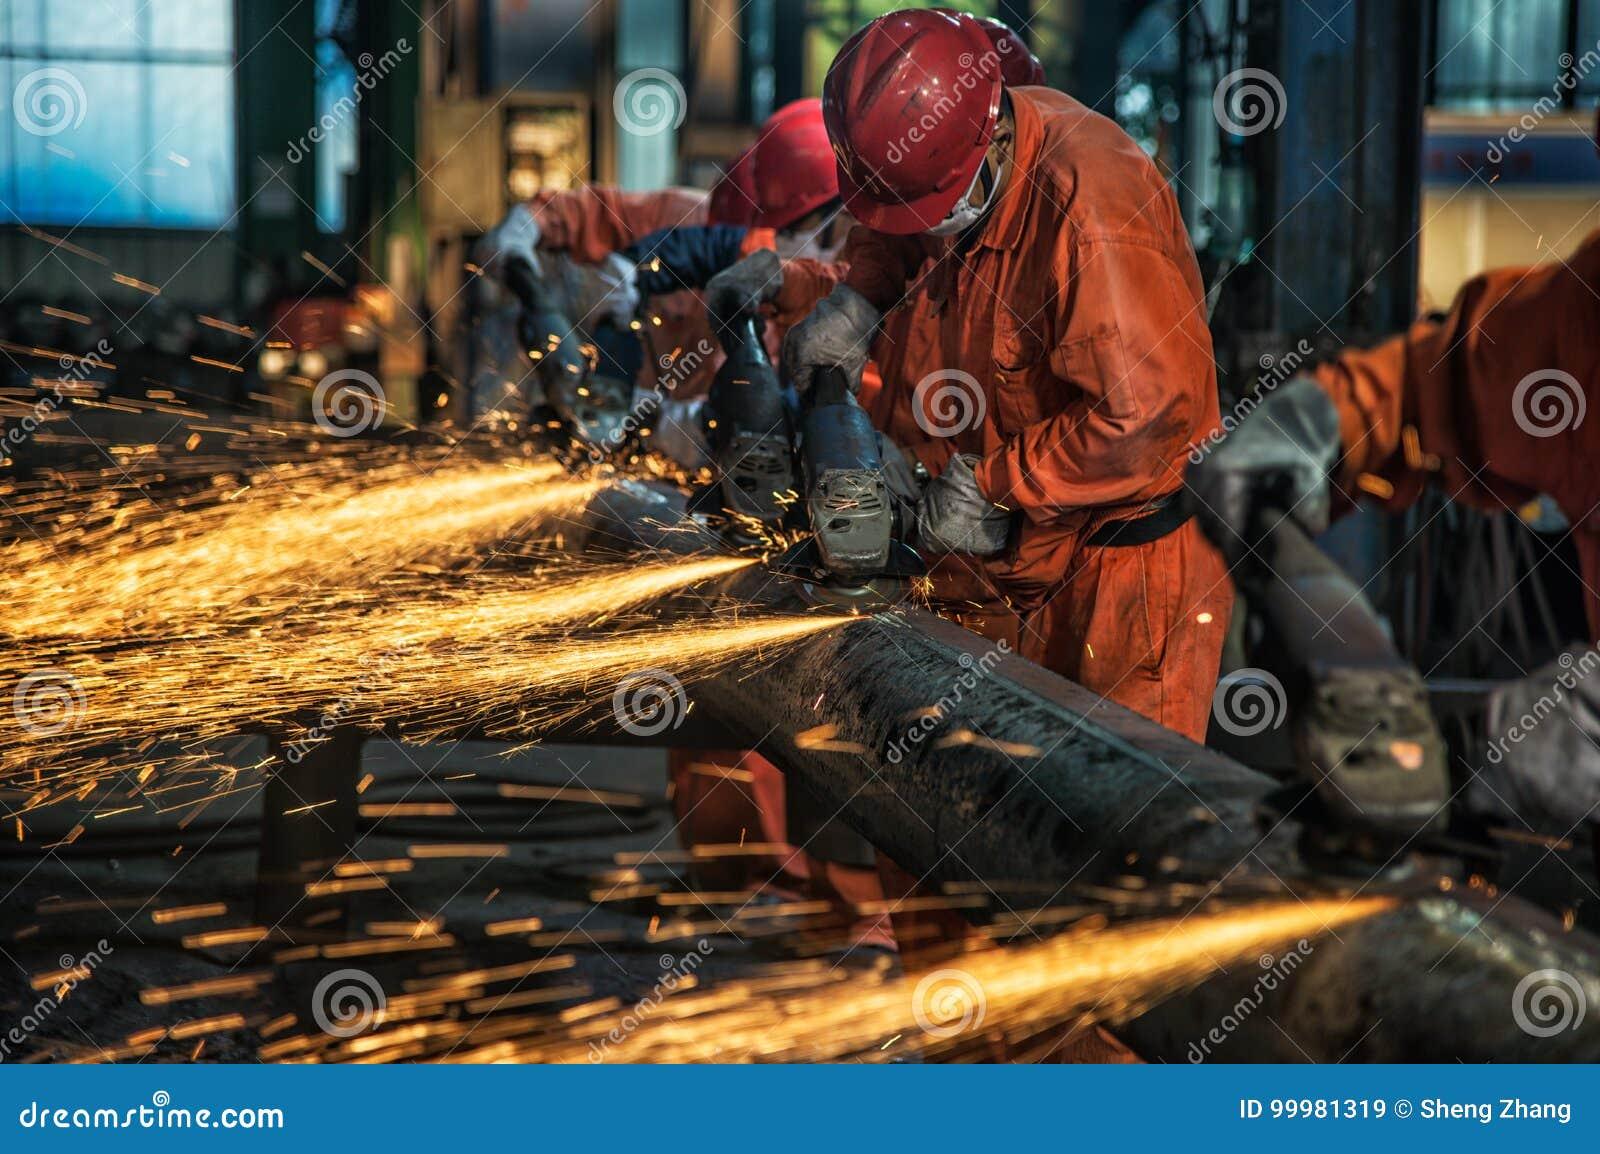 Οι εργαζόμενοι στο μύλο χάλυβα γυαλίζουν το χάλυβα